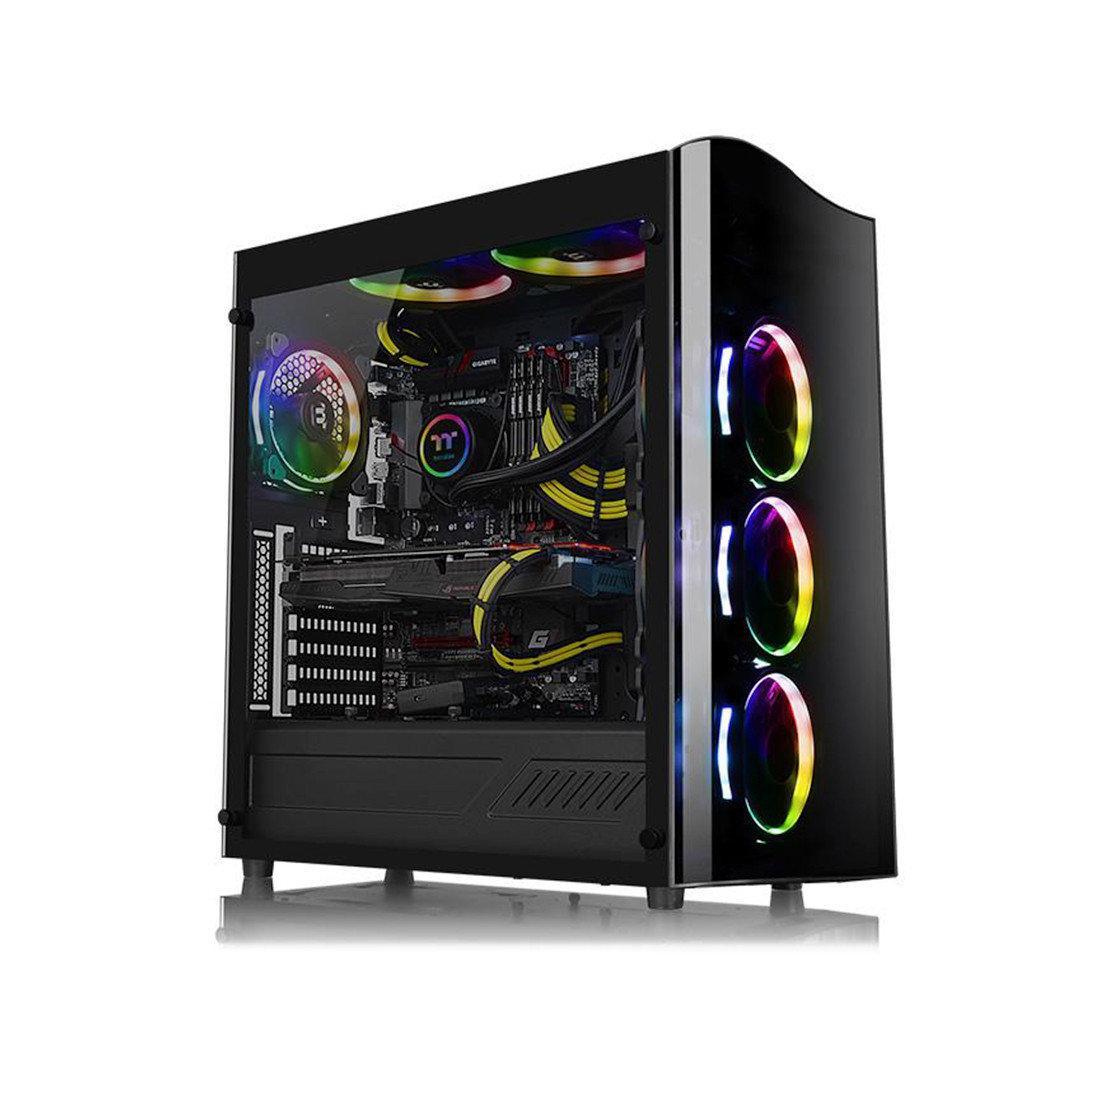 Системный блок Intel Pentium G5400 3.7 GHZ/H310/DDR4 8GB/SSD 240GB/450W